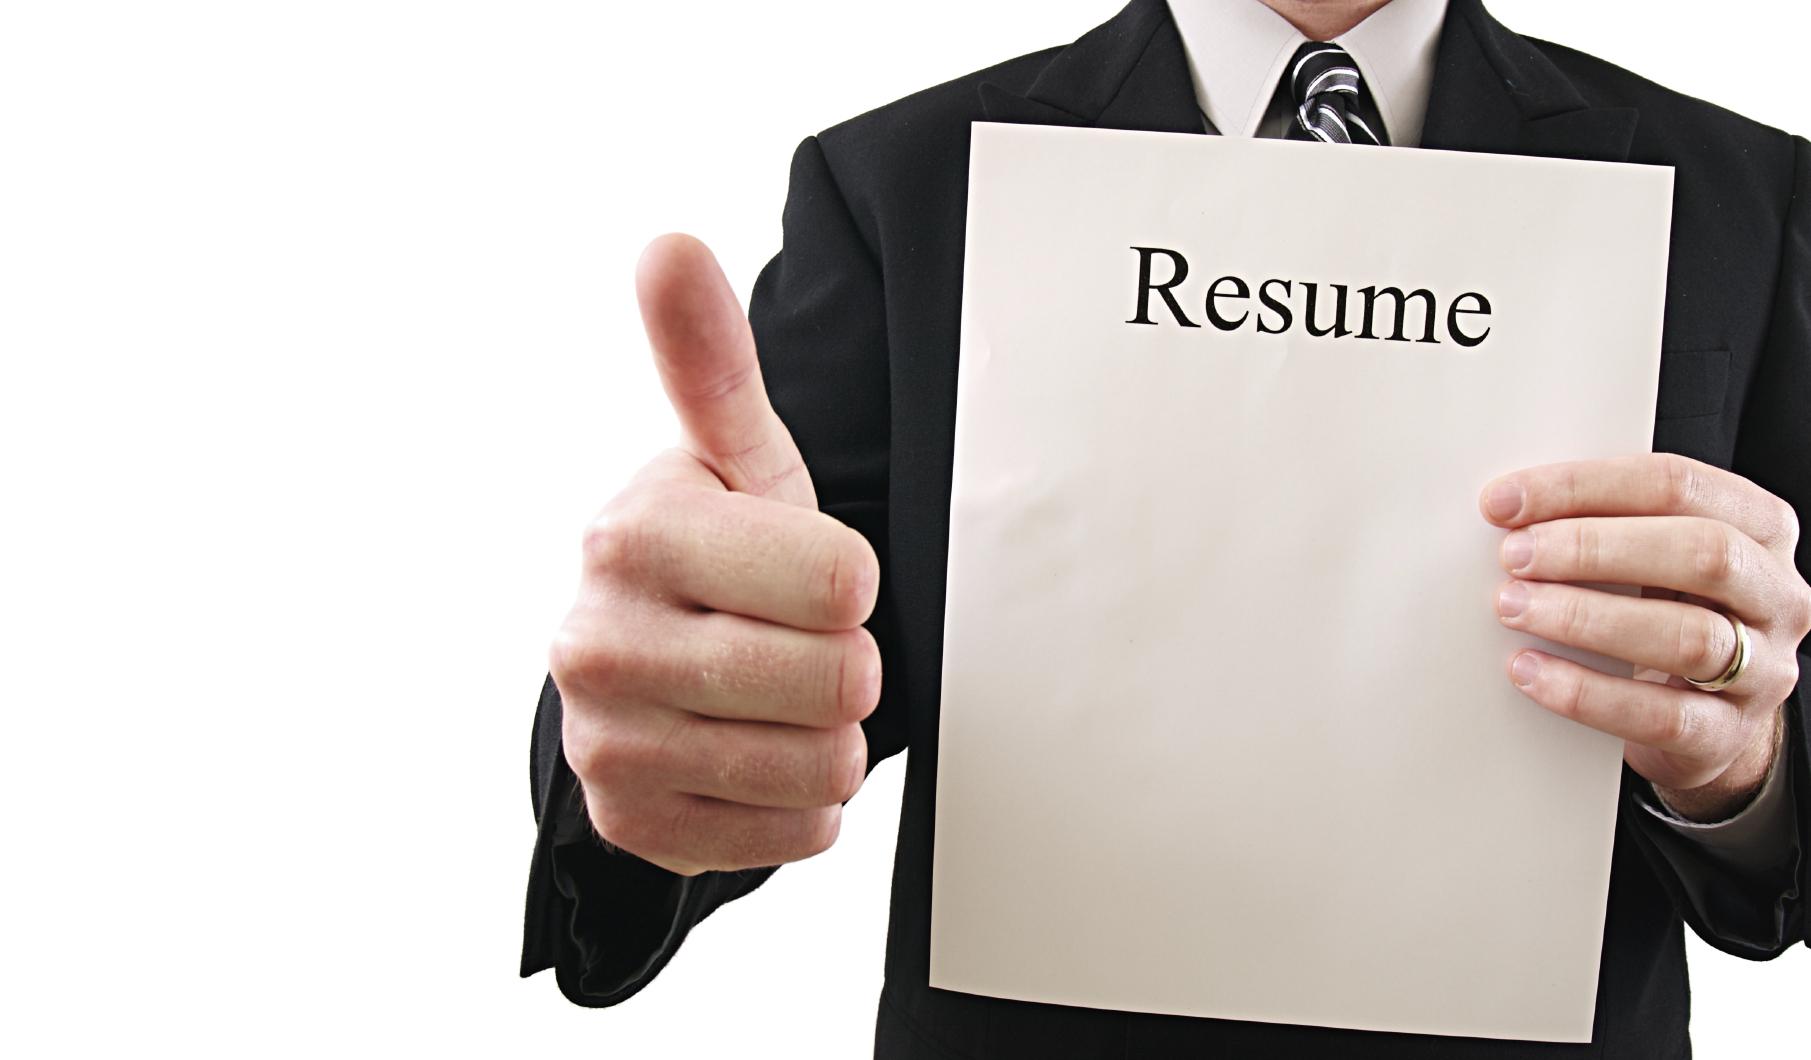 how do you prepare a resumes